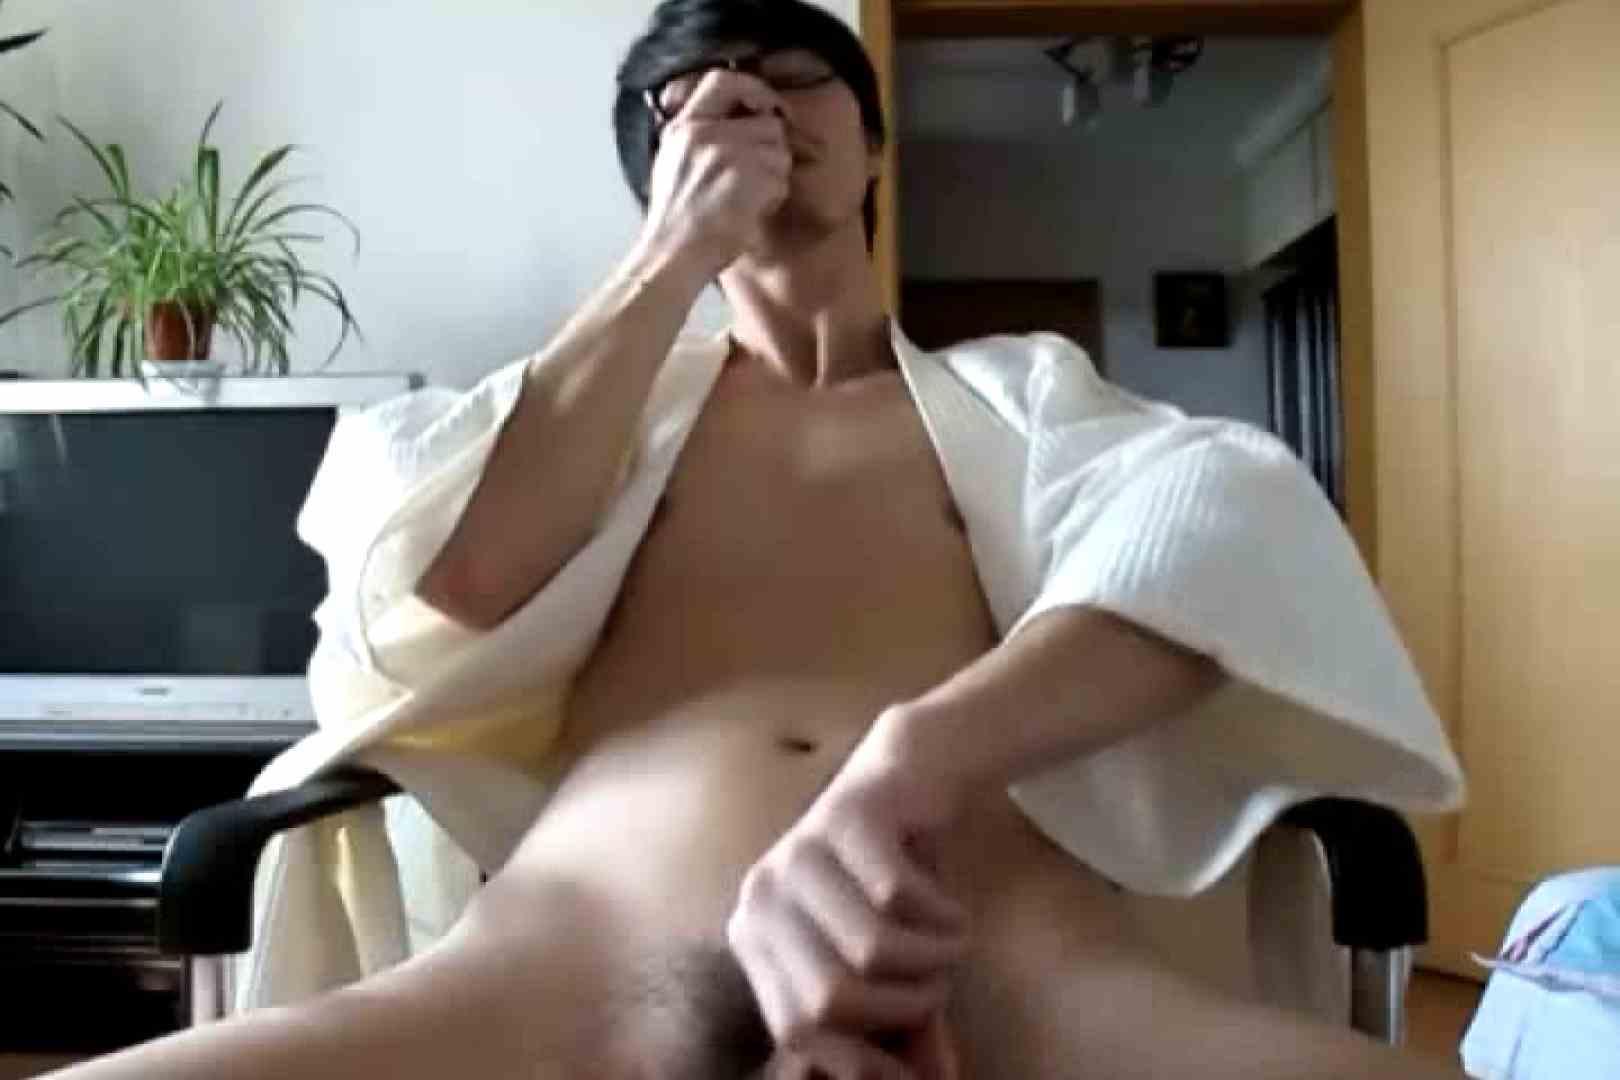 モテメン!!公開オナニー22 発射映像 | ゲイのオナニー映像  77枚 41